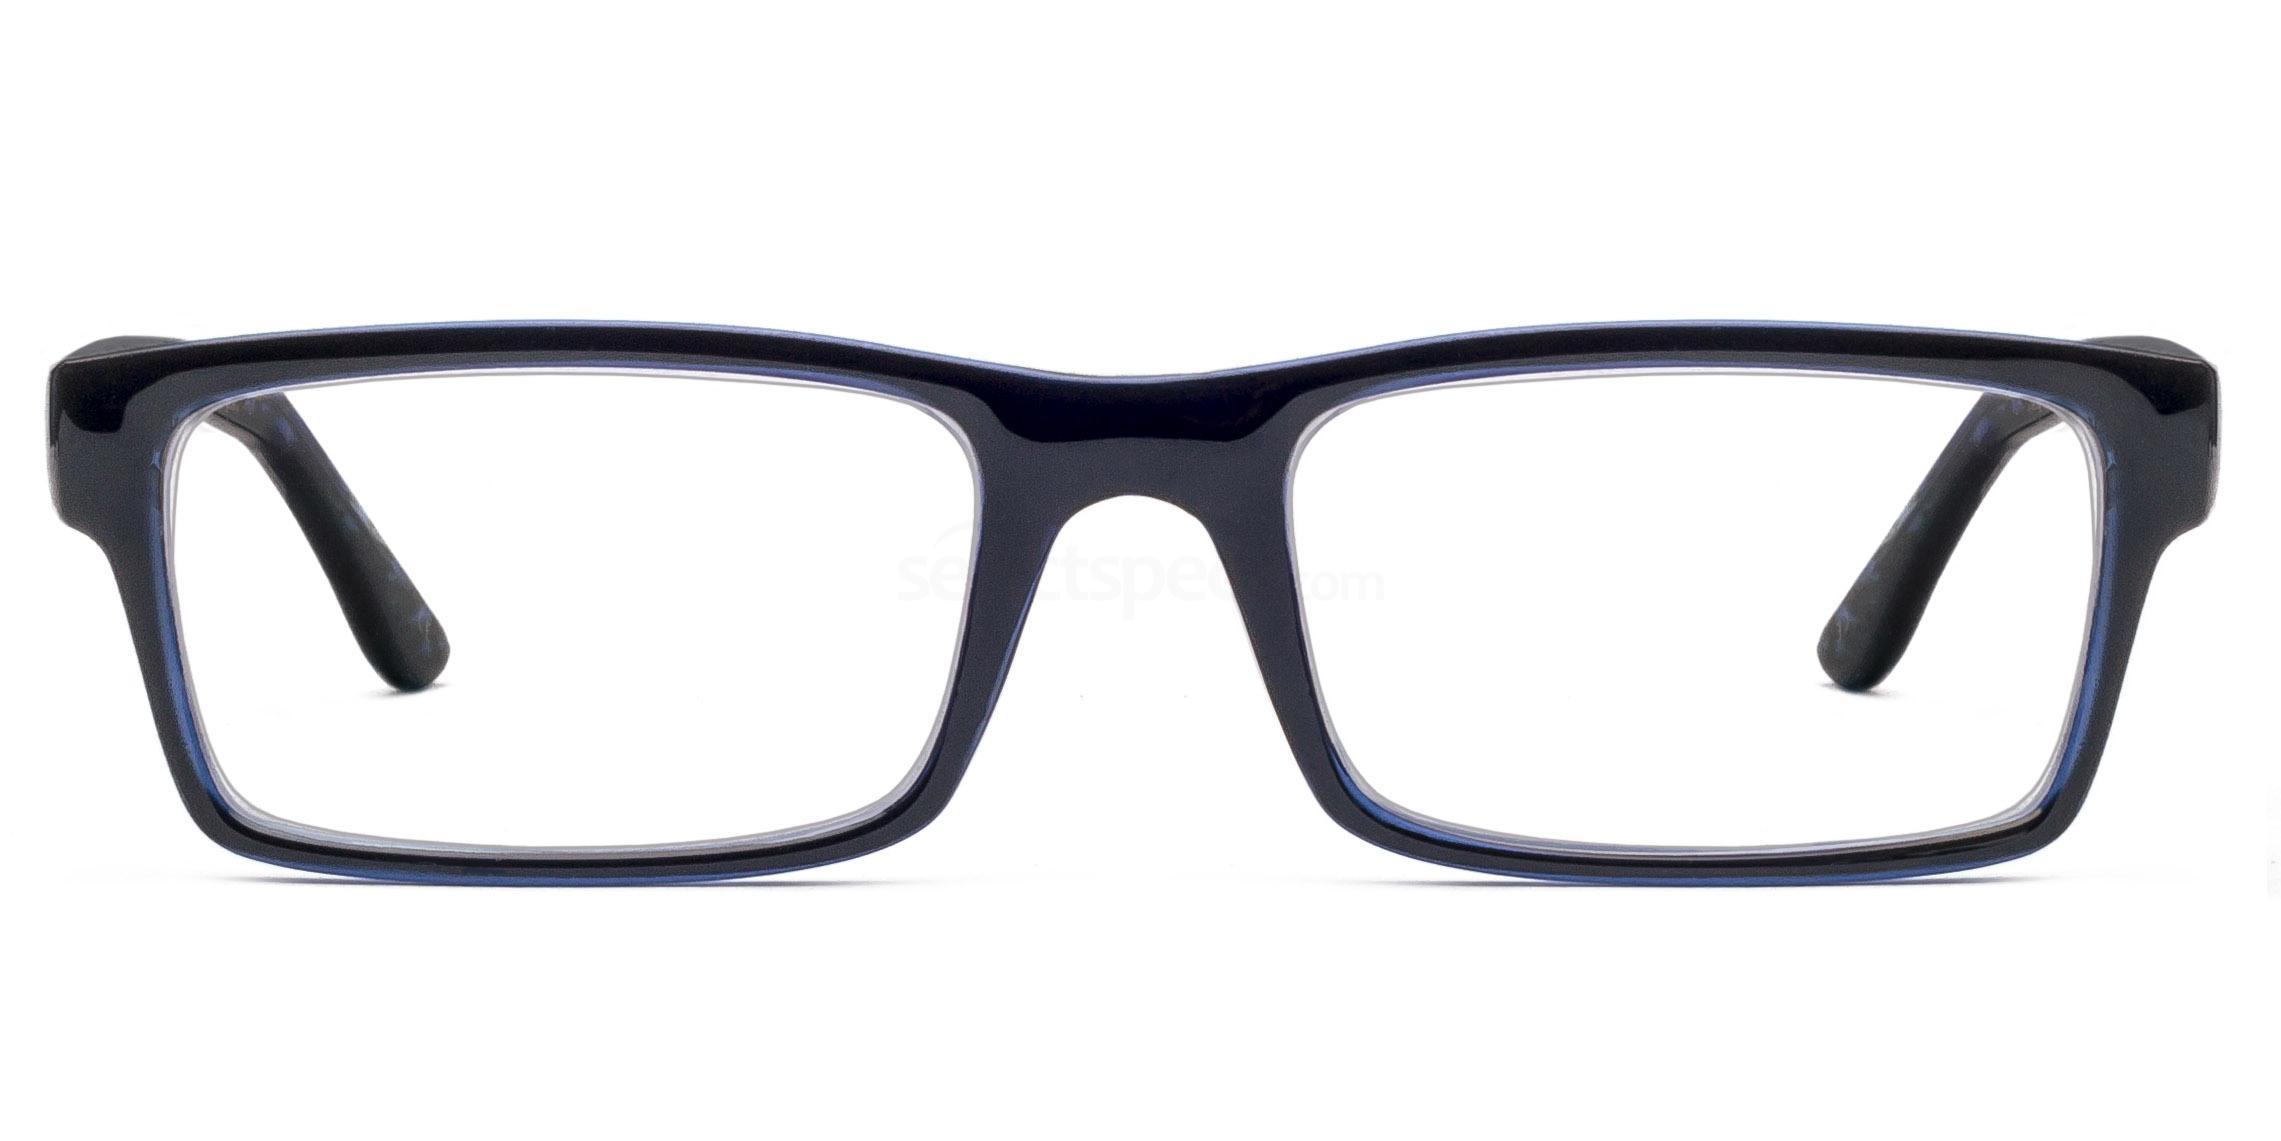 Col. 35 2329 - Black on Blue Glasses, Savannah